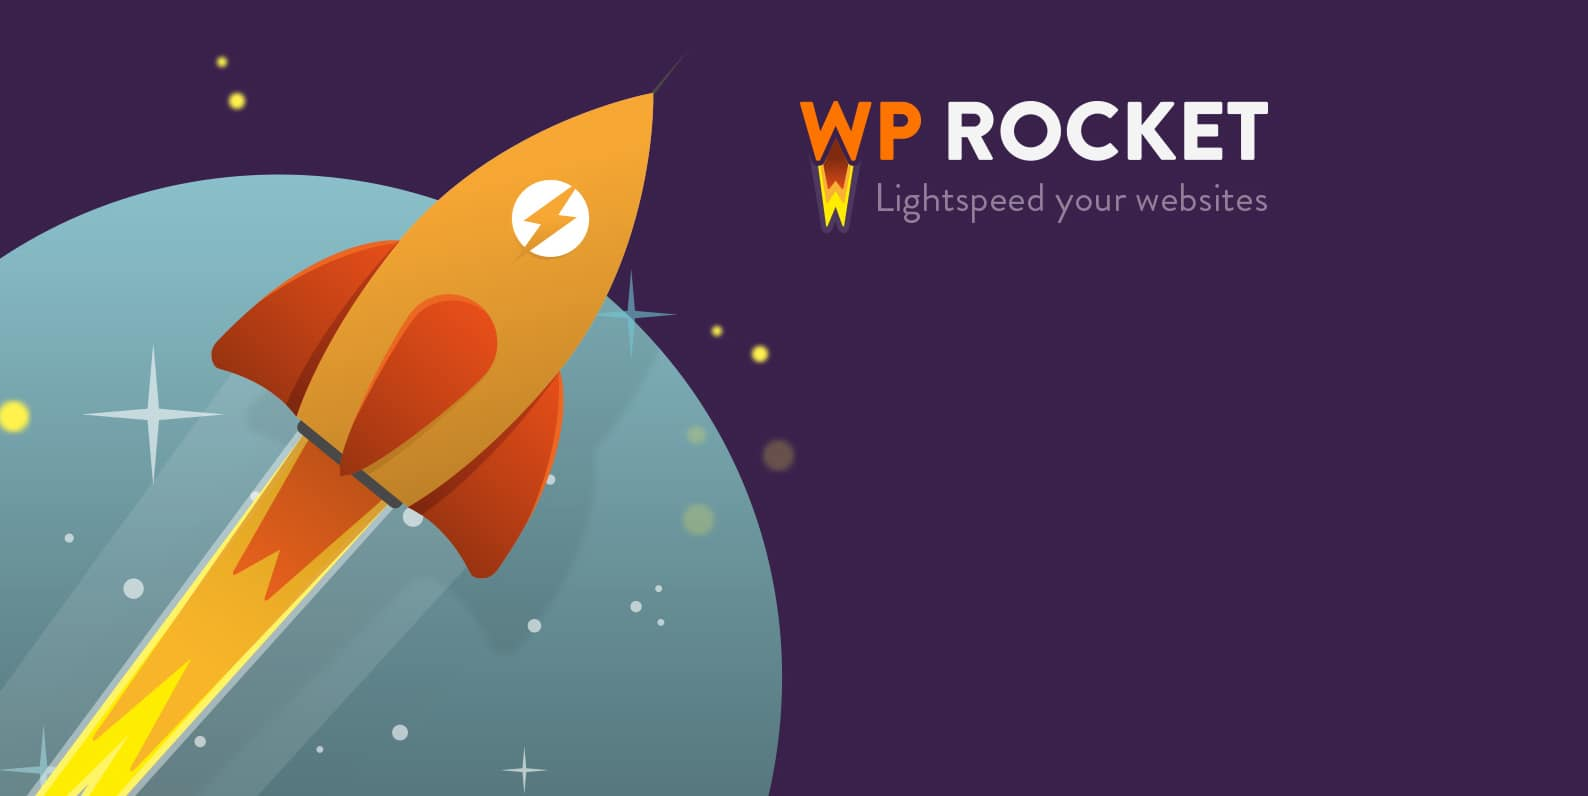 「WP插件」 加速插件 WP Rocket v3.4.3 专业版+破解+中文汉化 【已更新】 WP资源更新记录 第1张